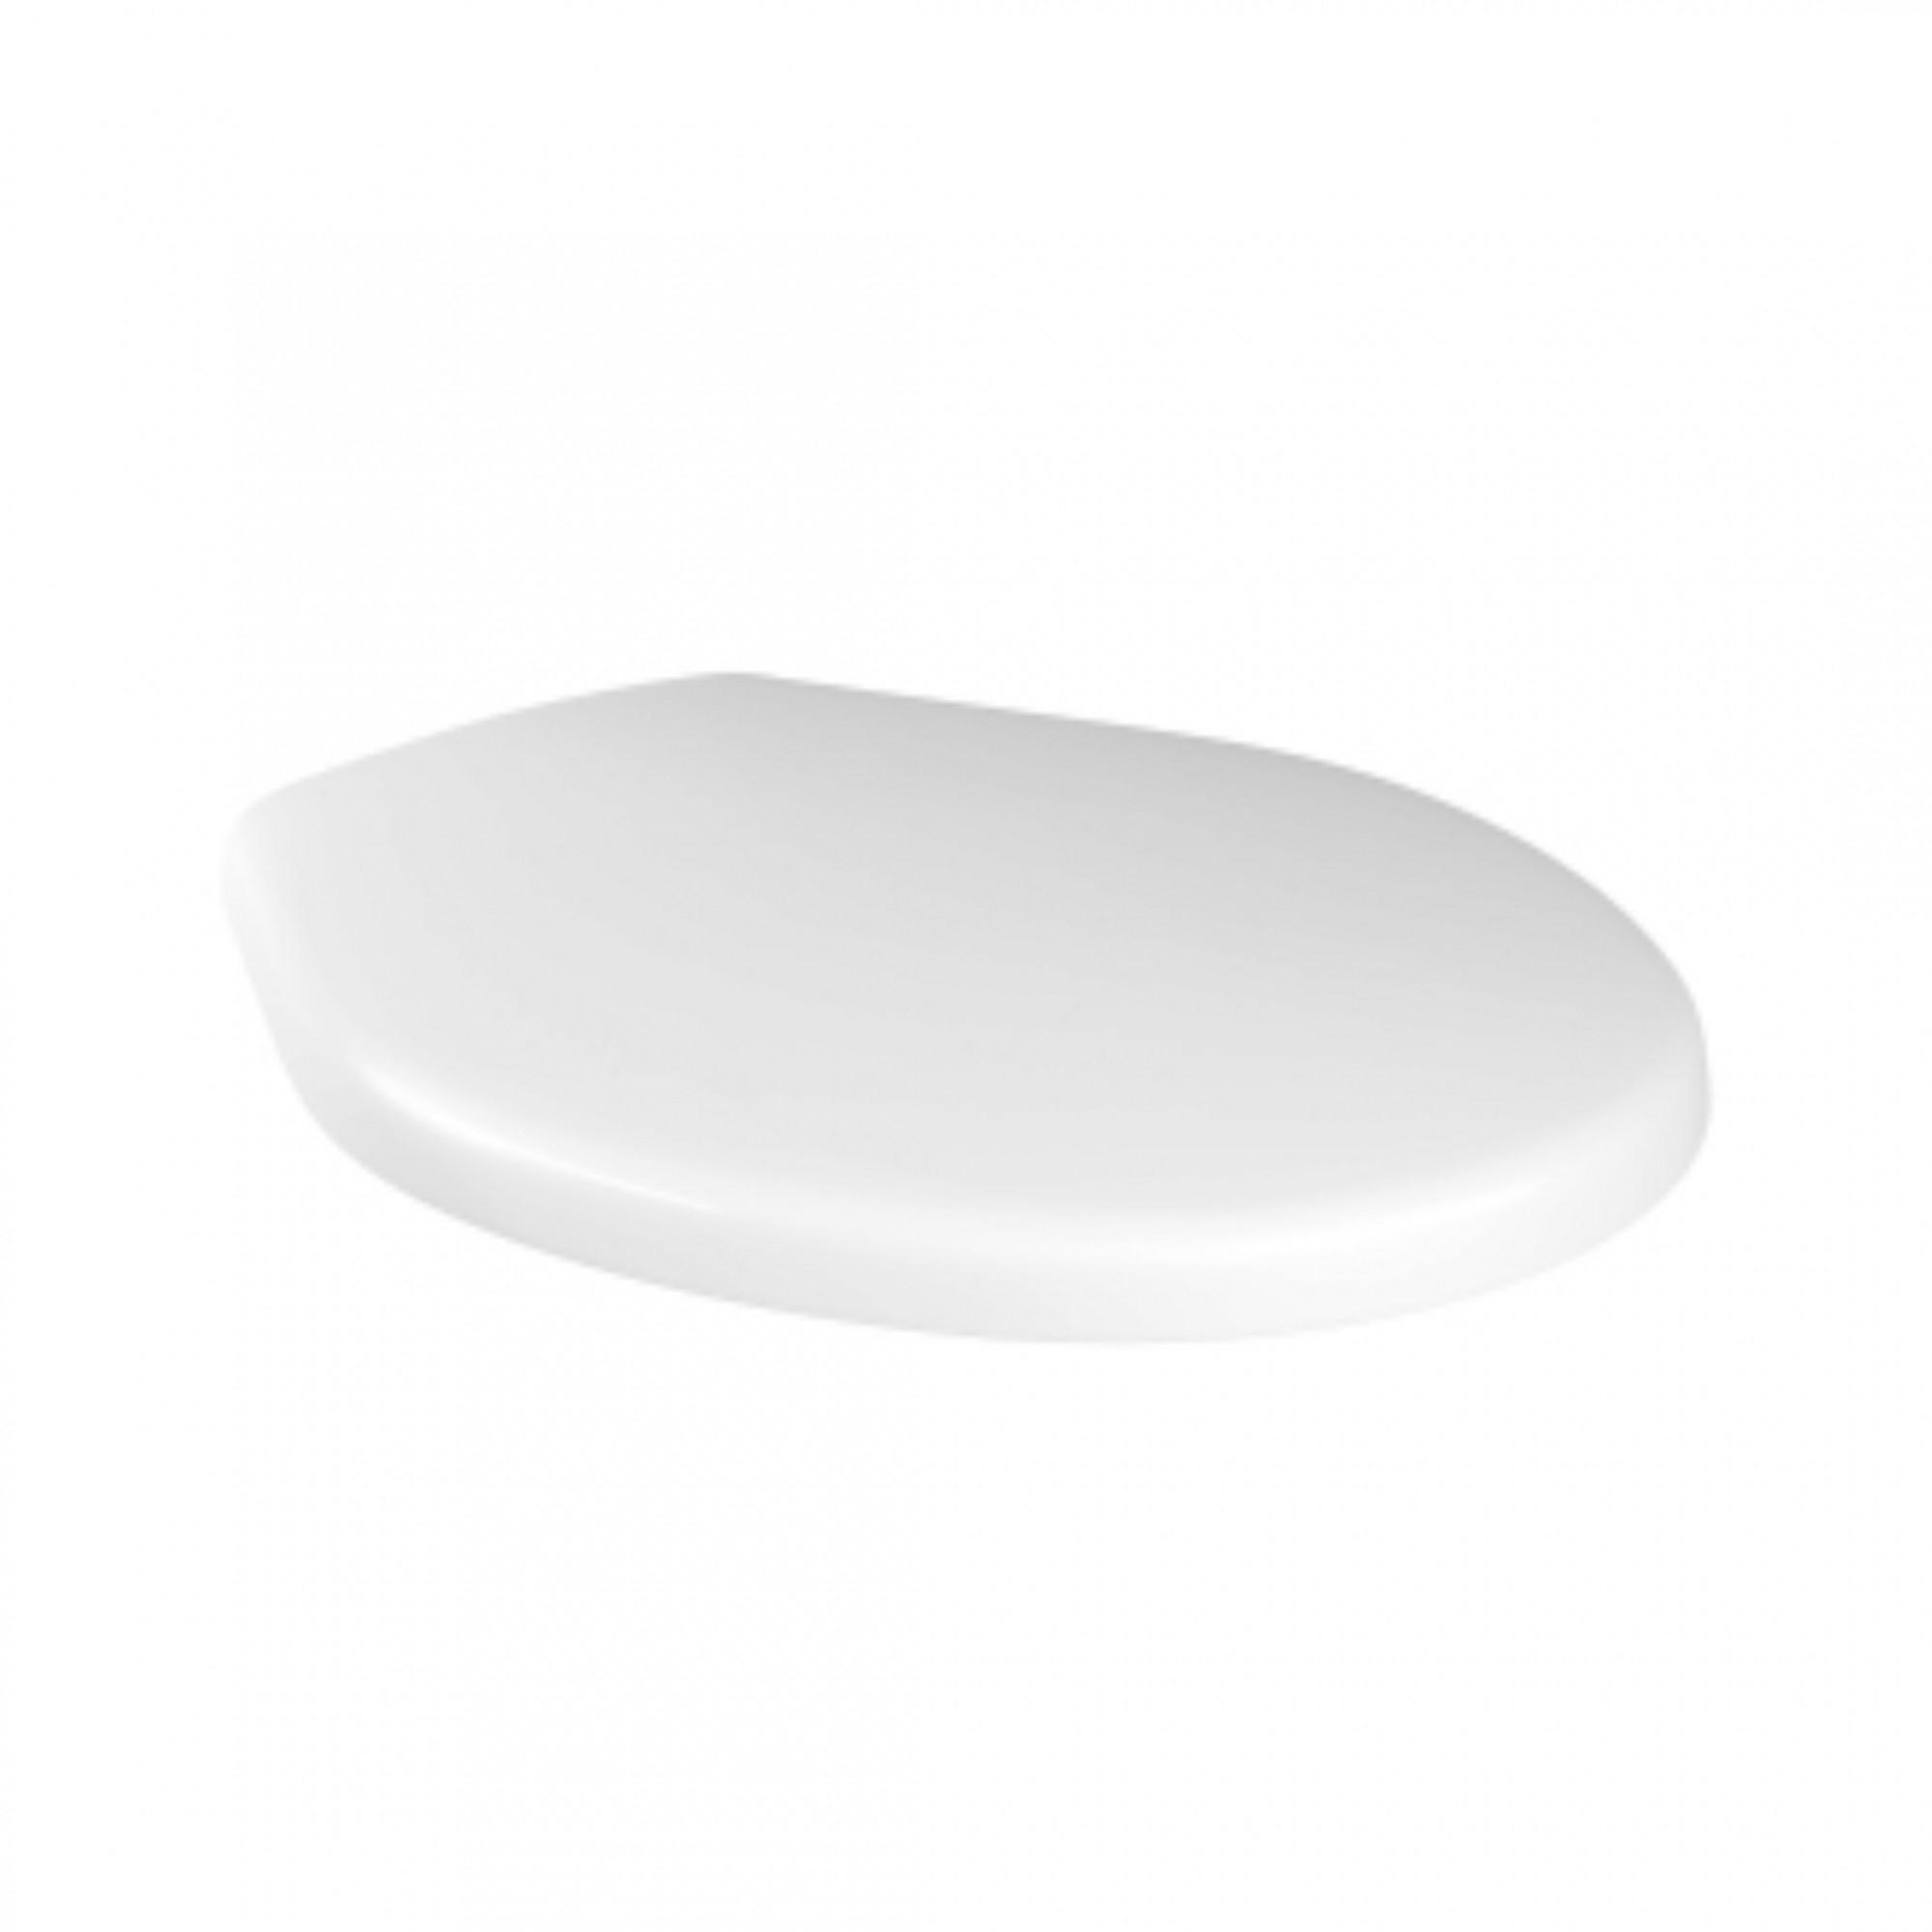 Assento Sanitário Plástico Para Bacia Izy / Ravena  AP.01.17 Deca